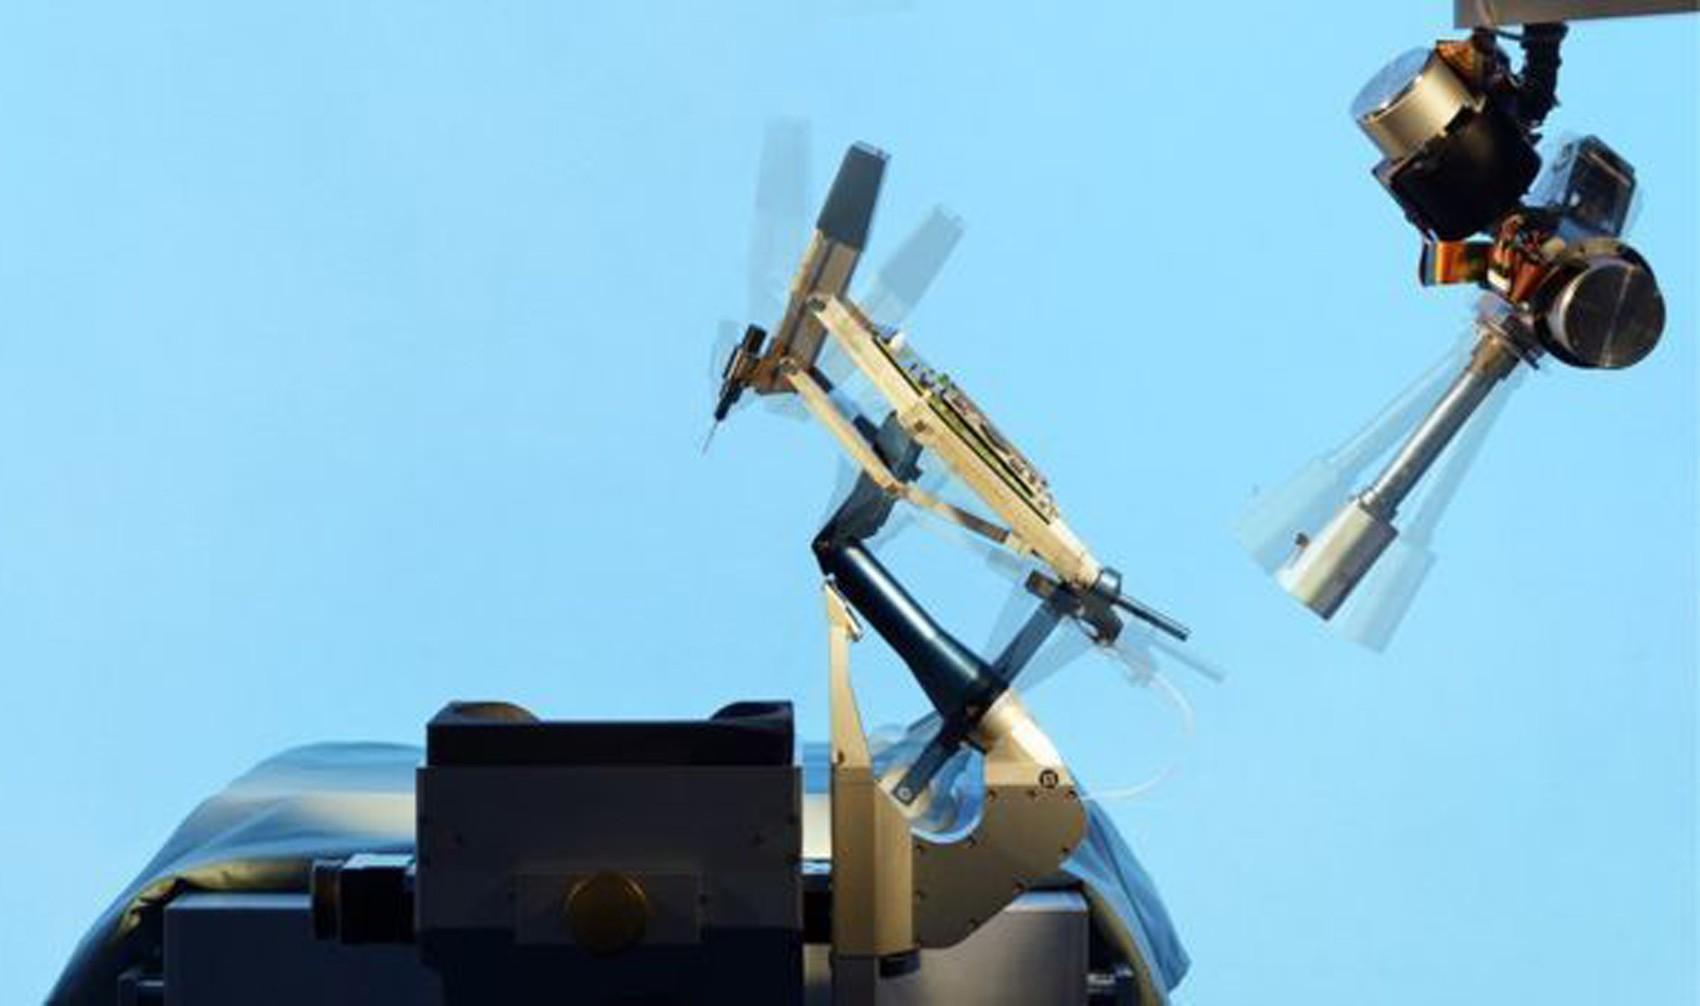 O robô é controlado por um joystick (Foto: Bart Van Overbeeke Fotografie)